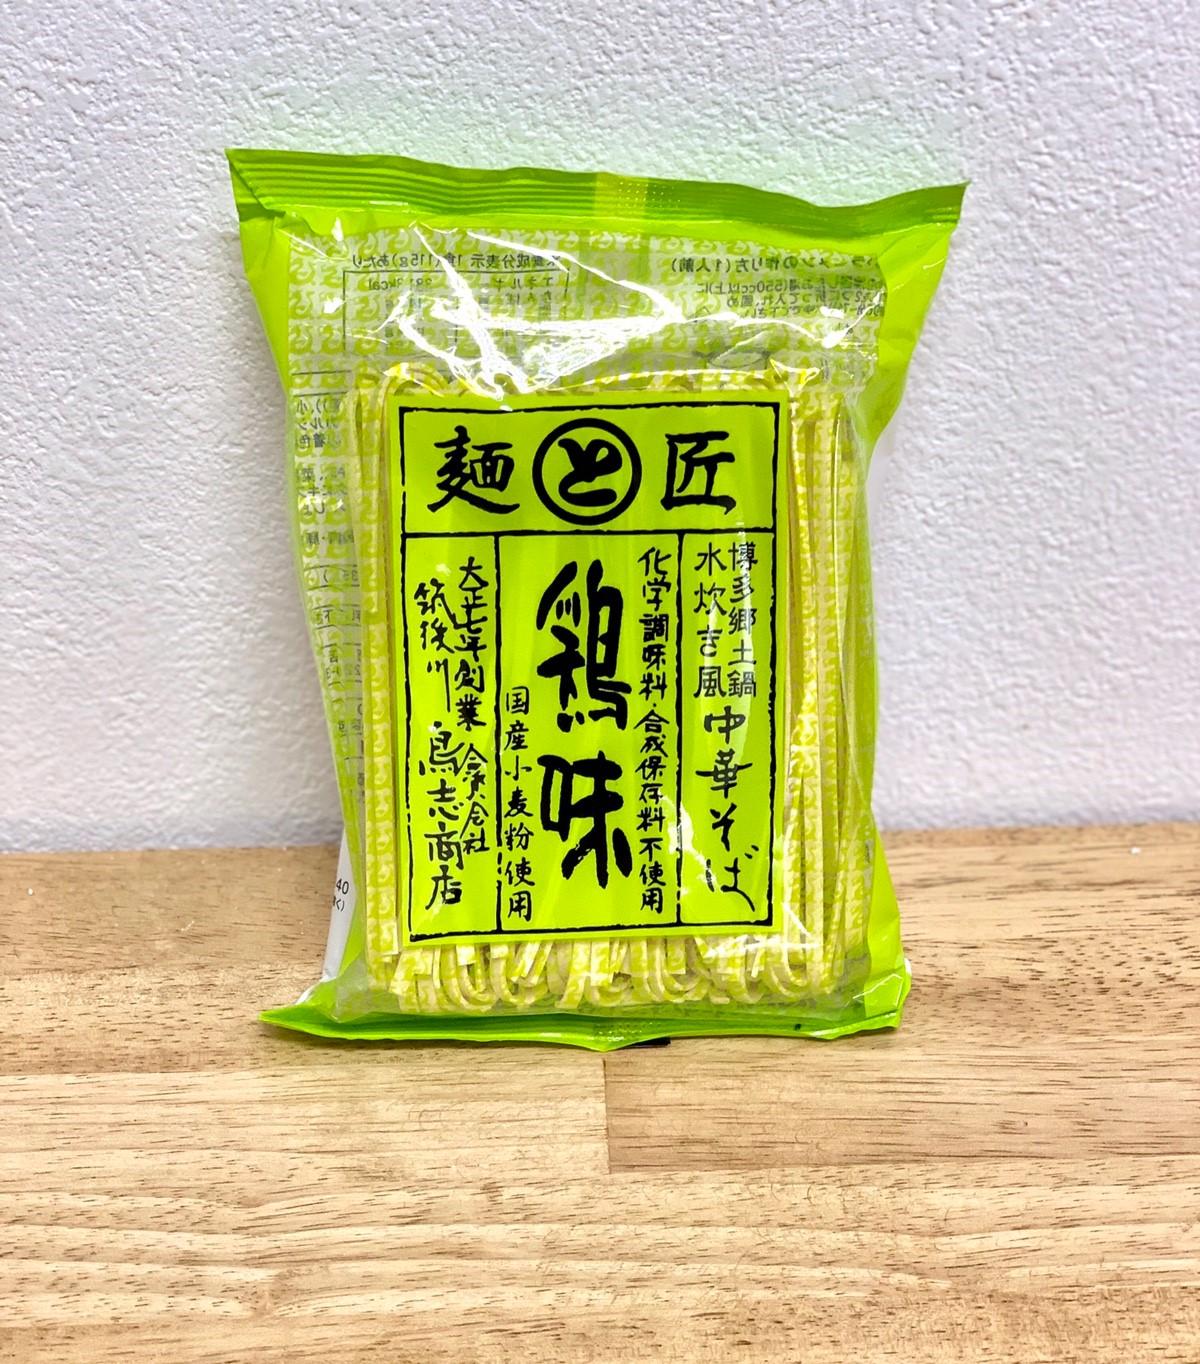 お取り寄せご当地ラーメン・福岡 『鳥志商店』の博多中華そば鶏味。ラーメン女子・森本聡子セレクト